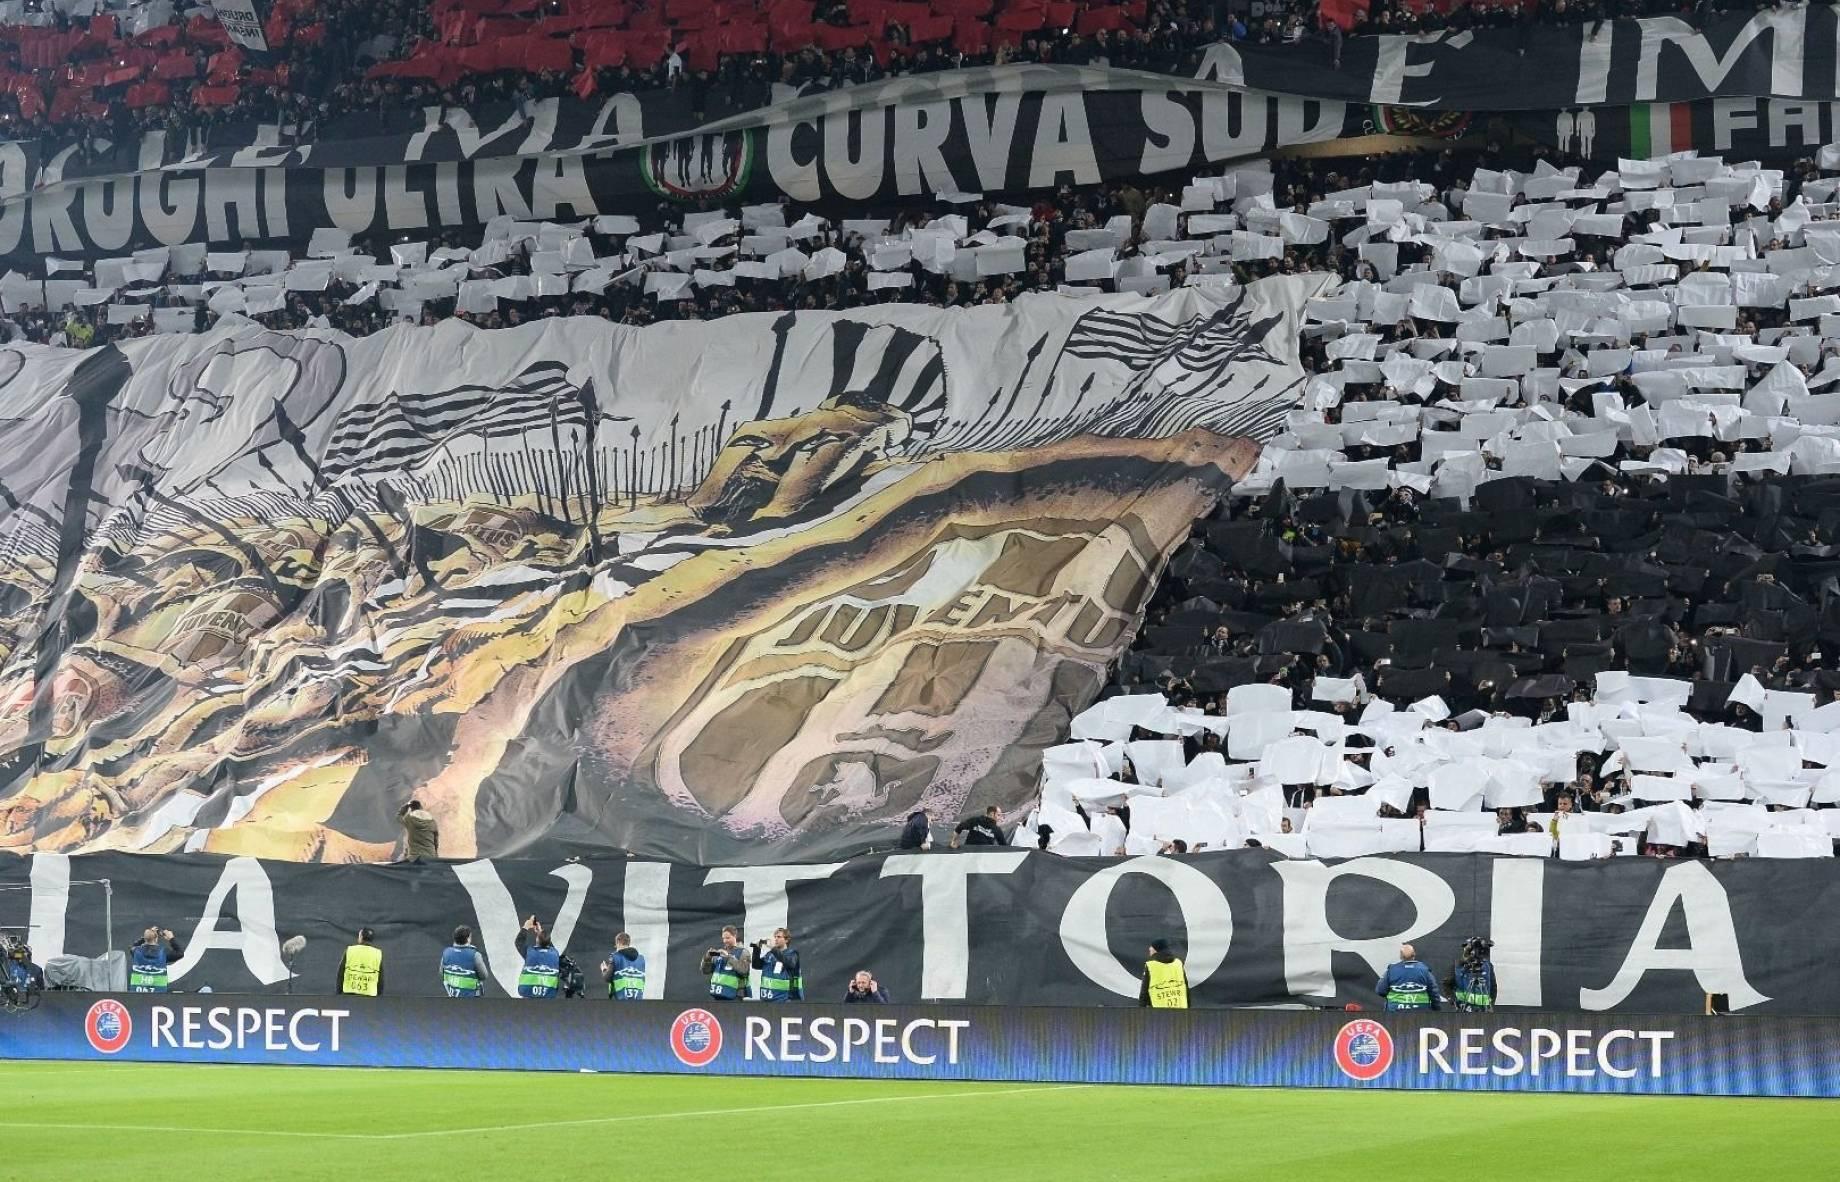 coreog_tifosi_Juventus_MG2_4194.jpg